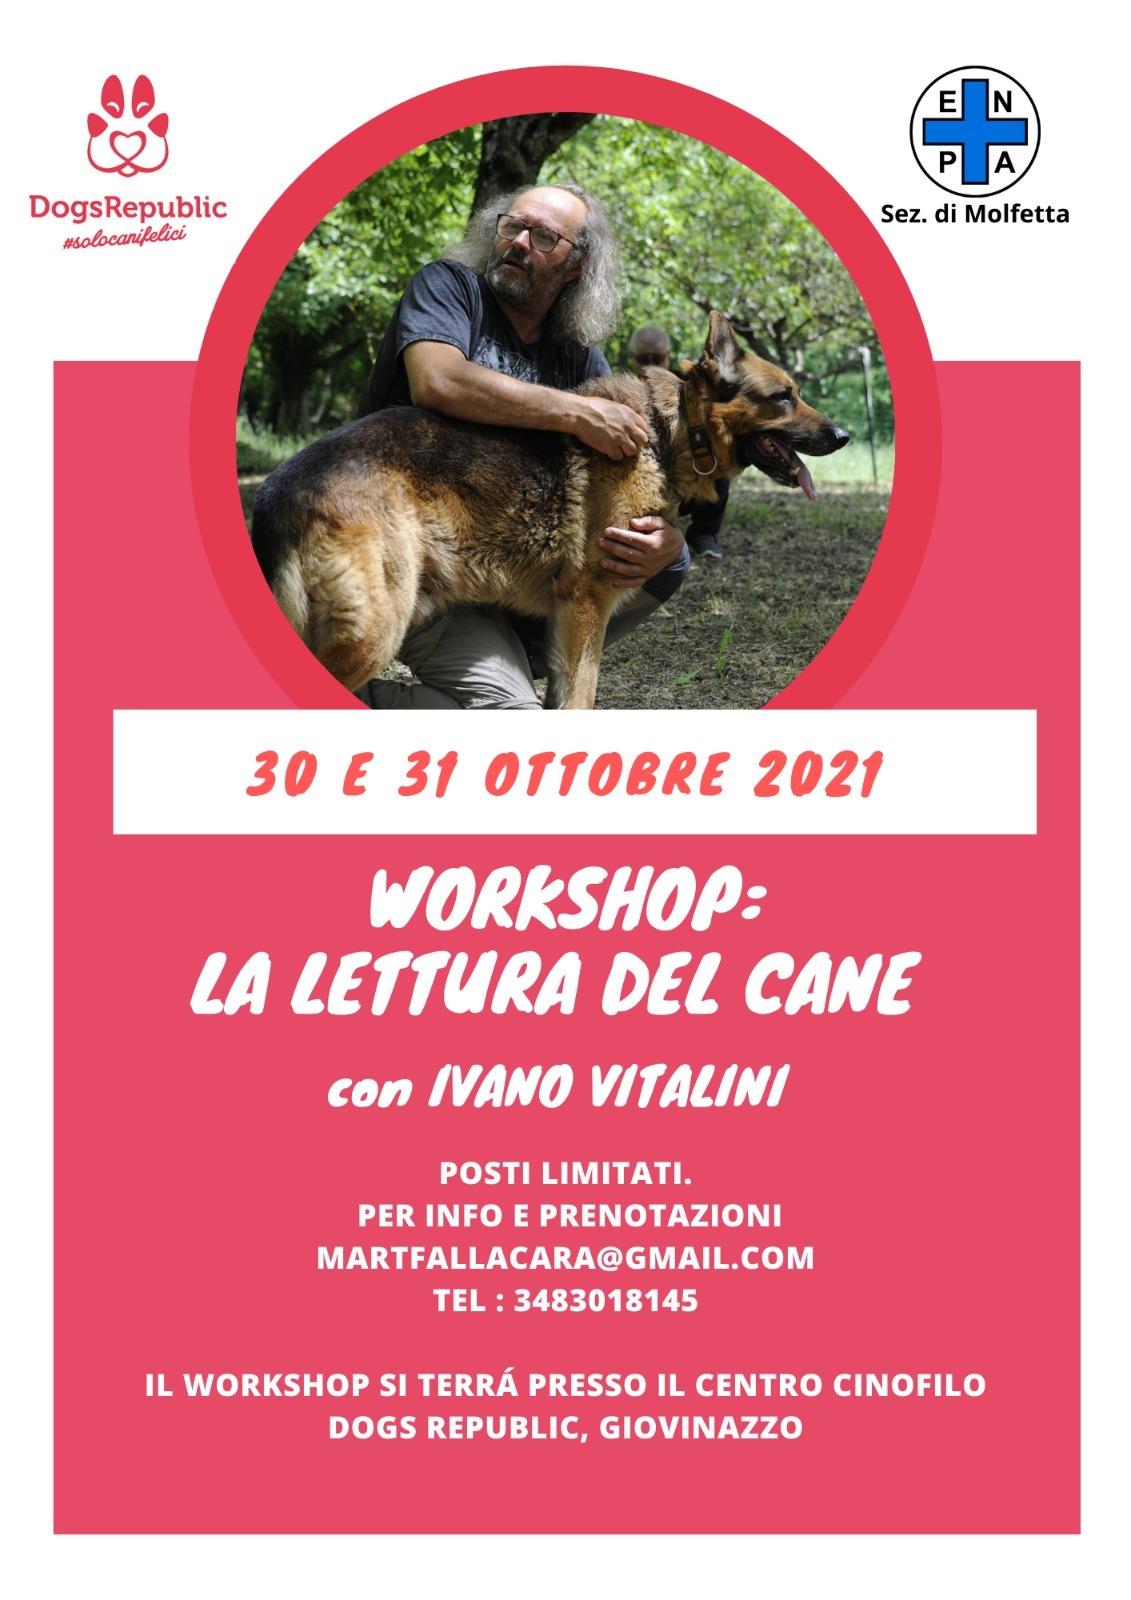 Giovinazzo (BA) 30 e 31 ottobre 2021 - La lettura del cane con Ivano Vitalini